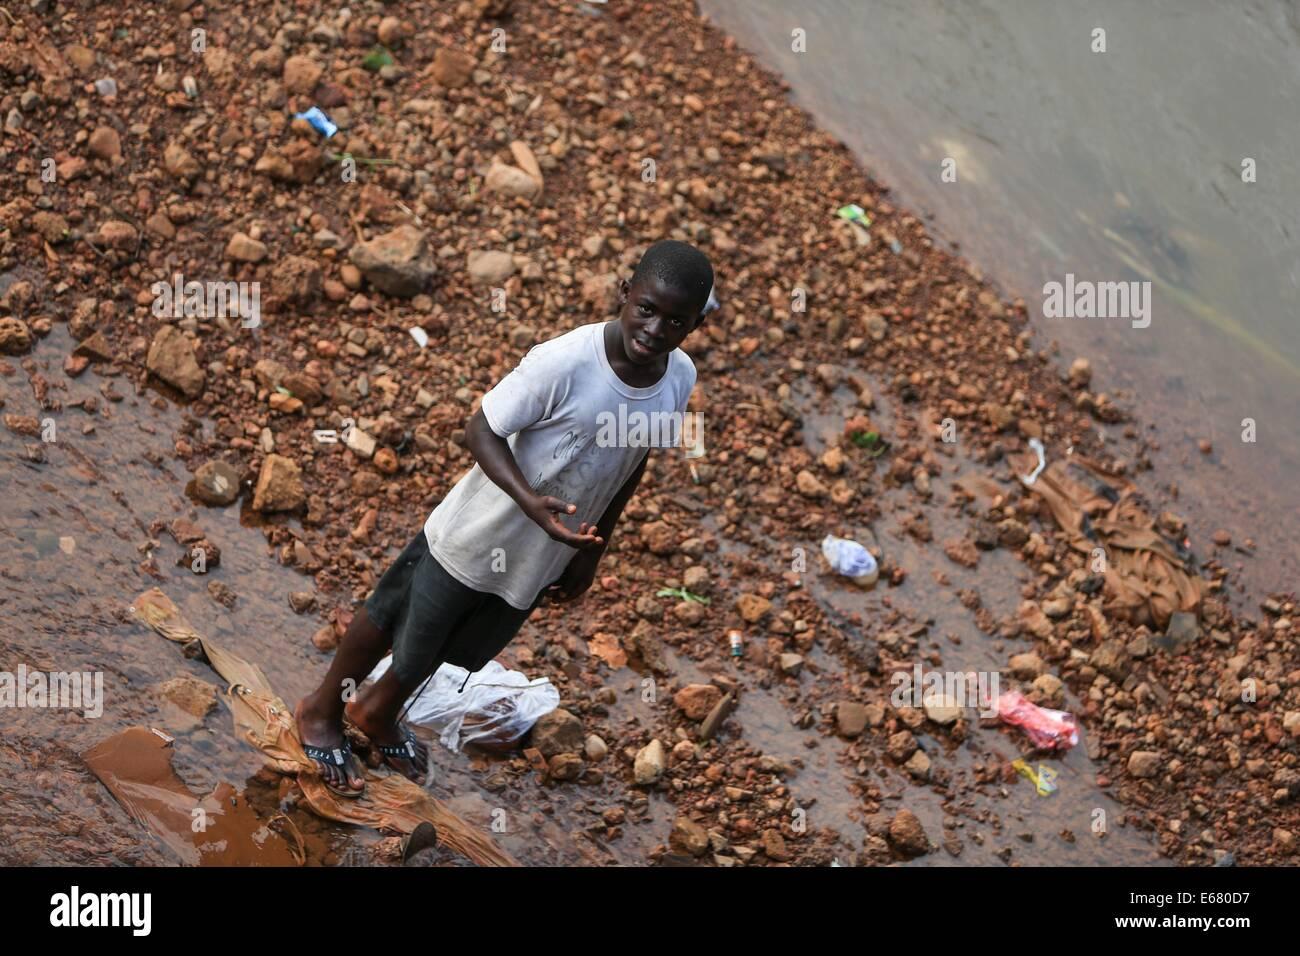 Human Affected Stock Photos & Human Affected Stock Images - Alamy